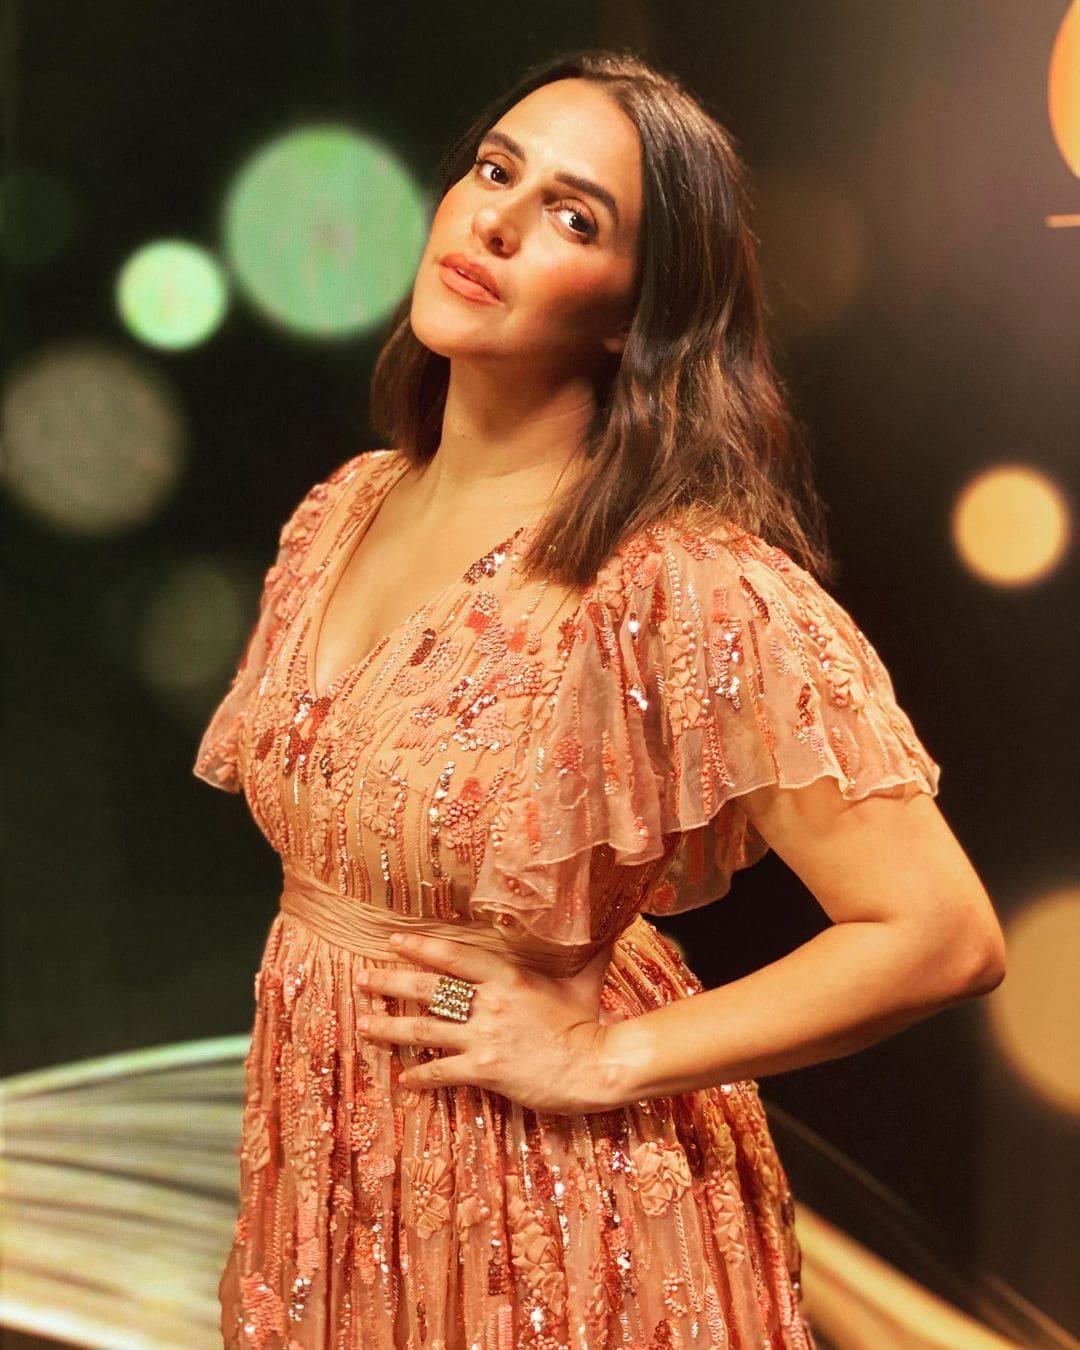 अभिनेत्री नेहा धुपियाने सुद्धा गर्भवती असताना शुटींग केल आहे.